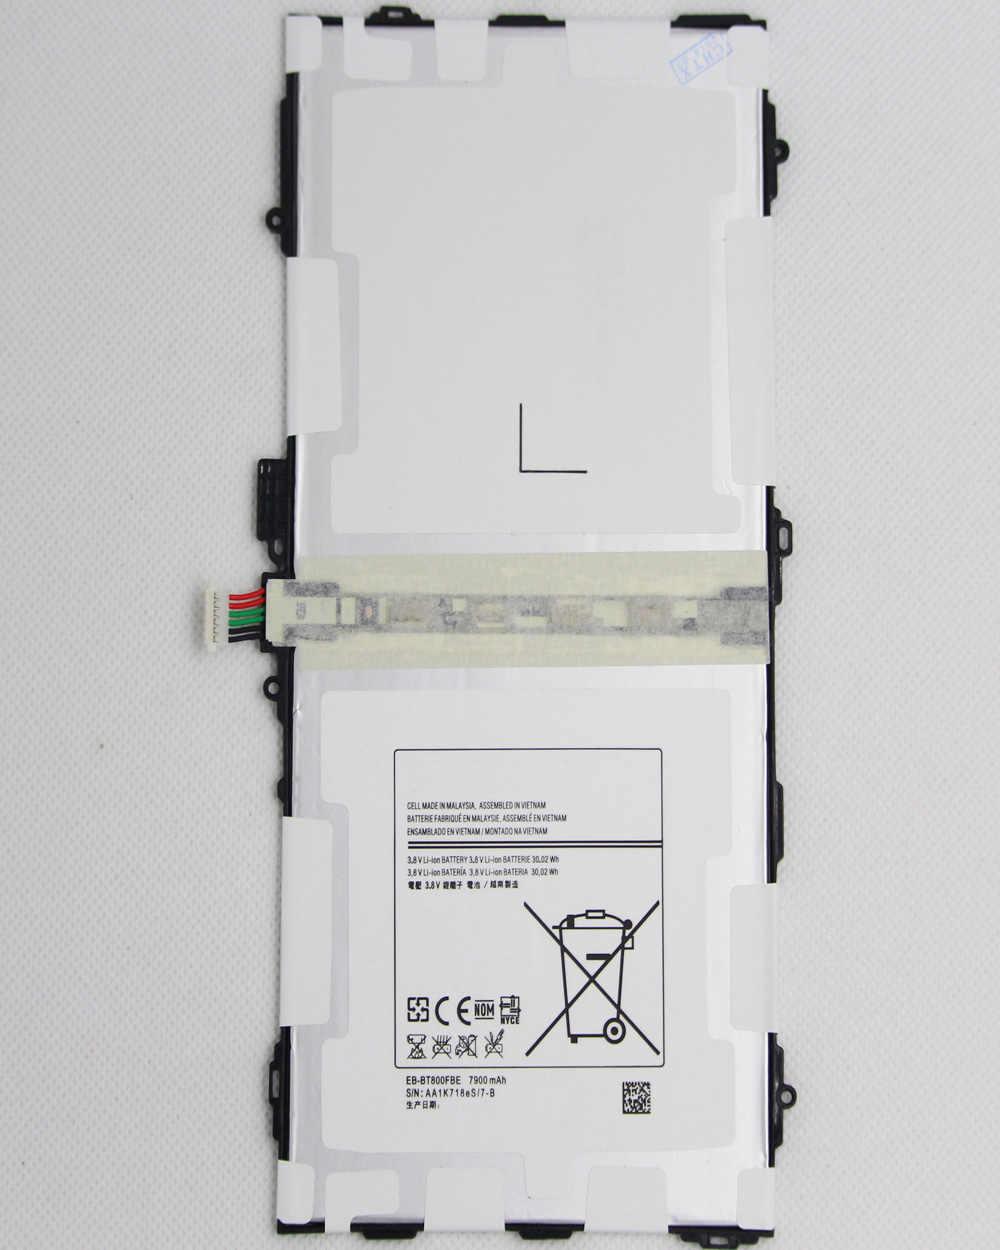 """7900 mAh EB-BT800FBE wymiana Tablet bateria do Samsunga Galaxy Tablet Tab S 10.5 """"SM-T800 T800 T801 T805 T807 T807A T807P"""